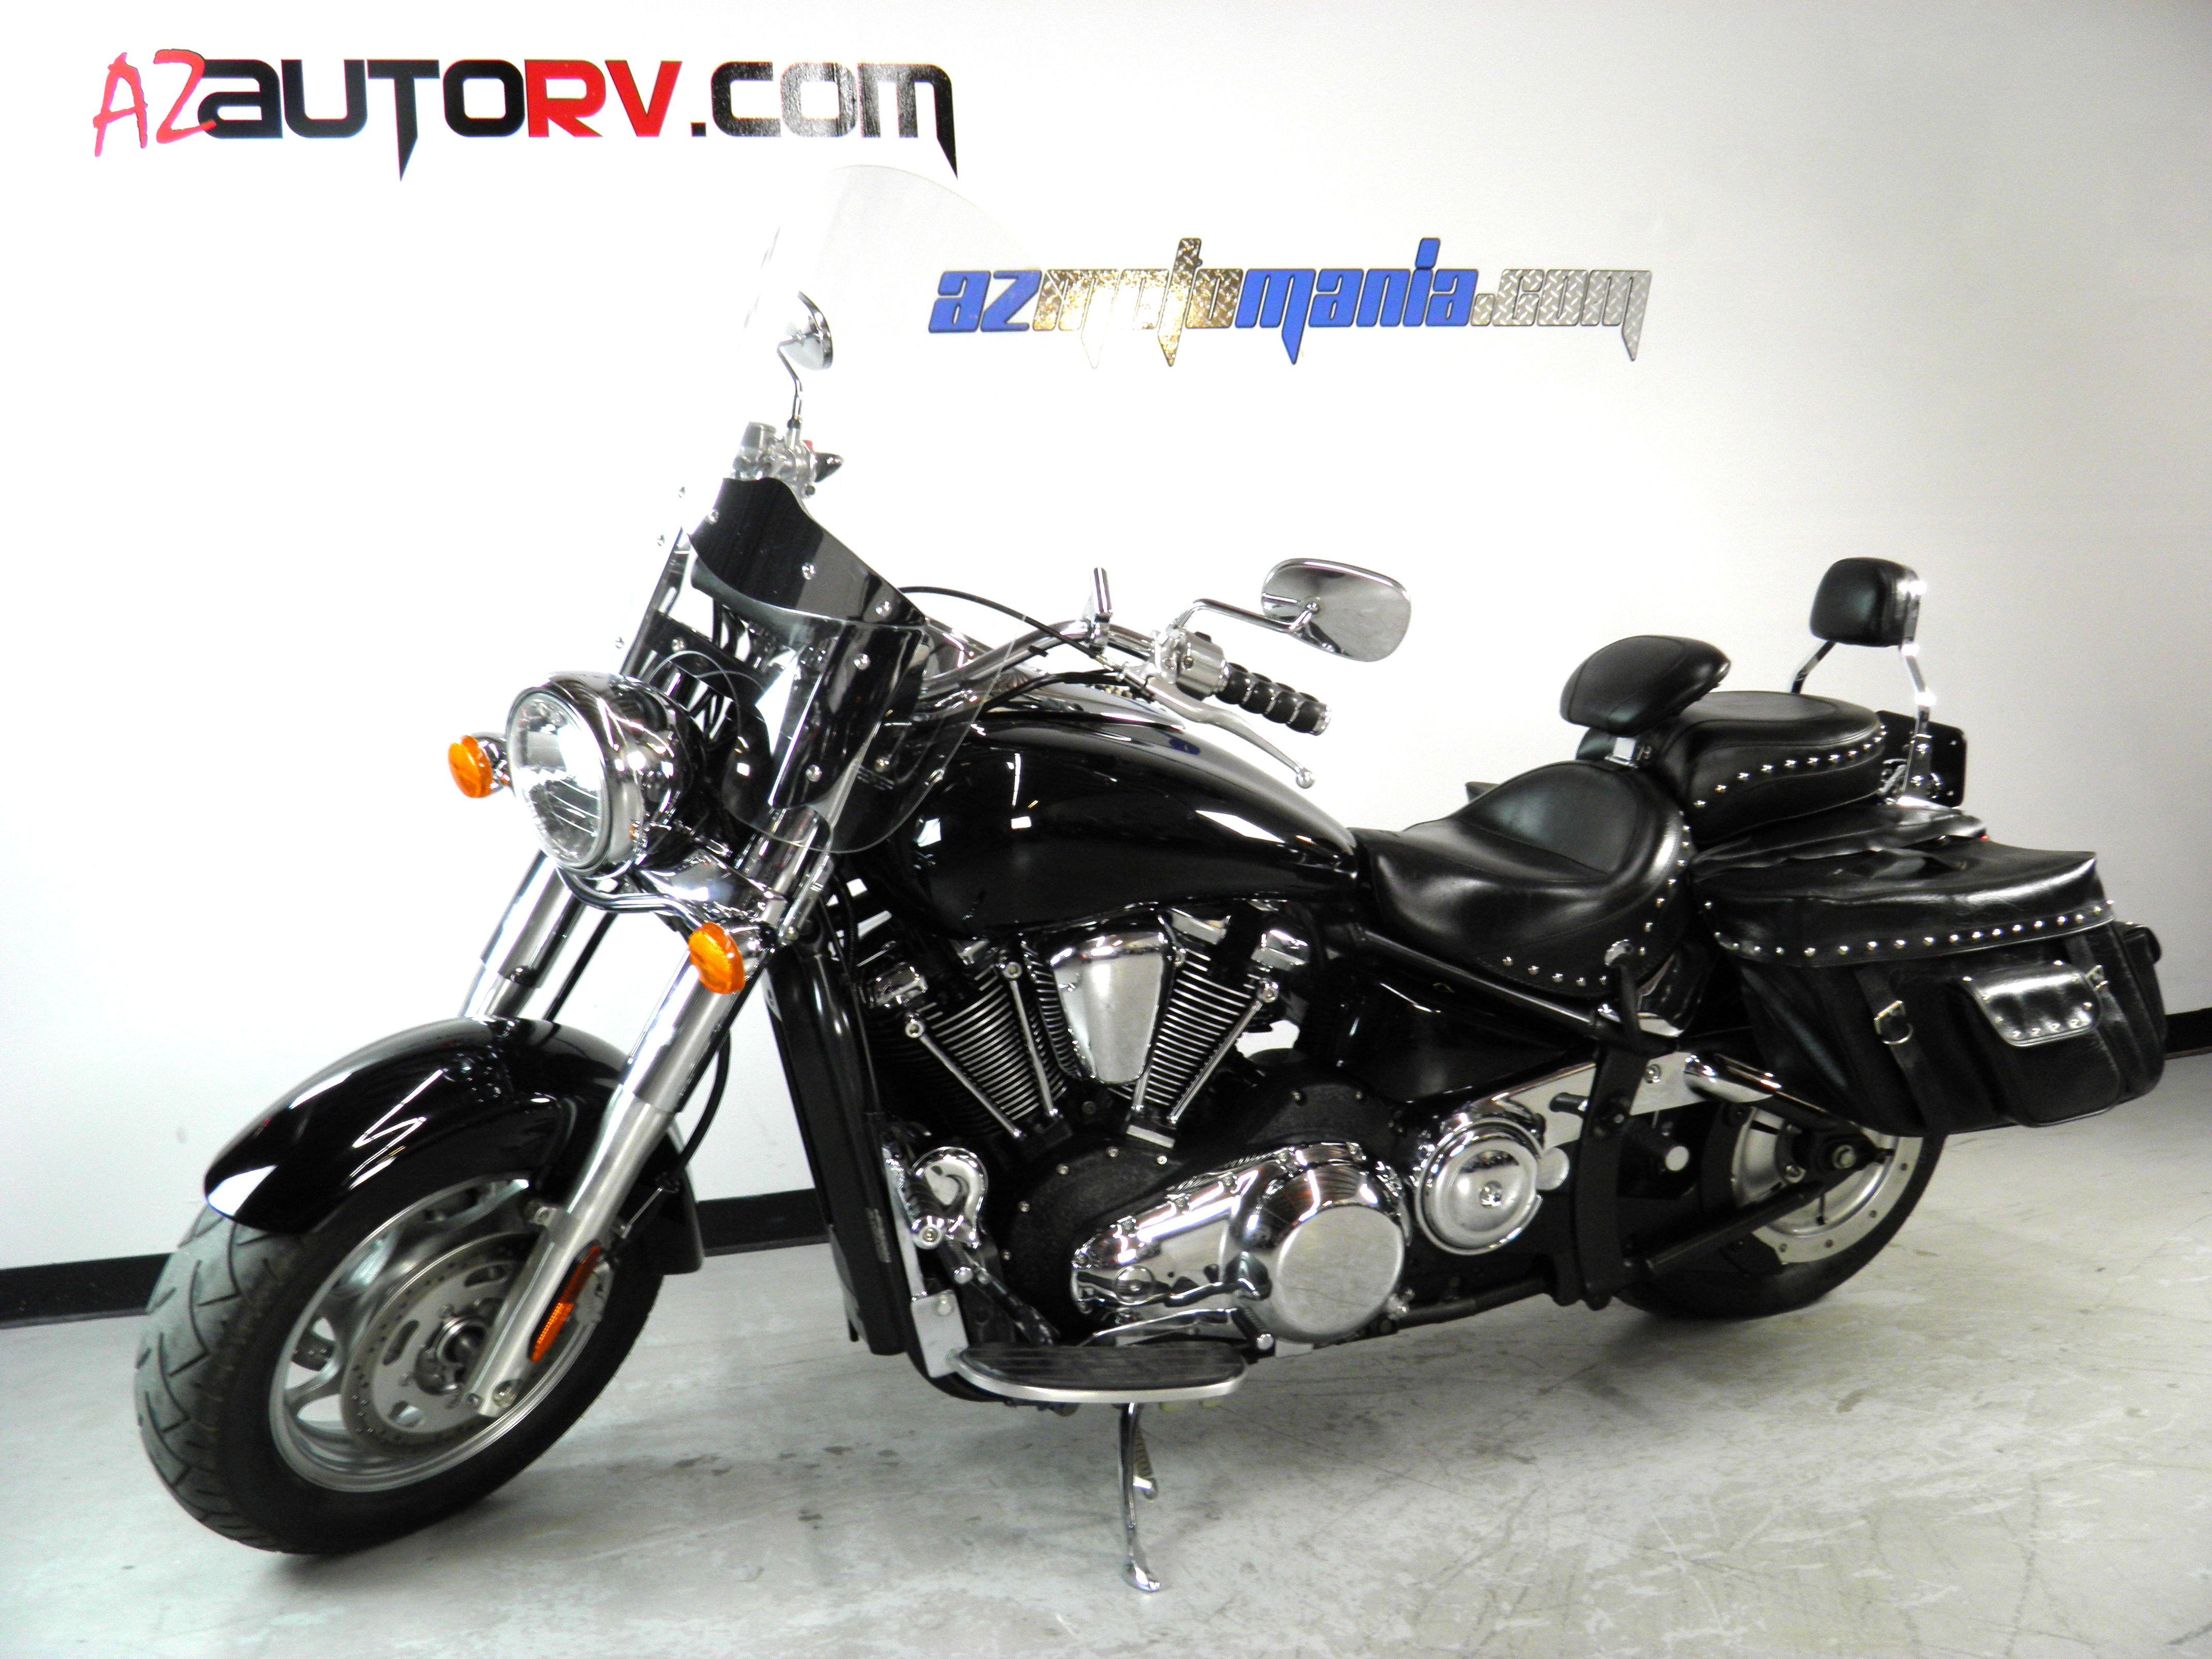 2006 Kawasaki Vn2000 Vulcan 2000 Classic Motocycles For